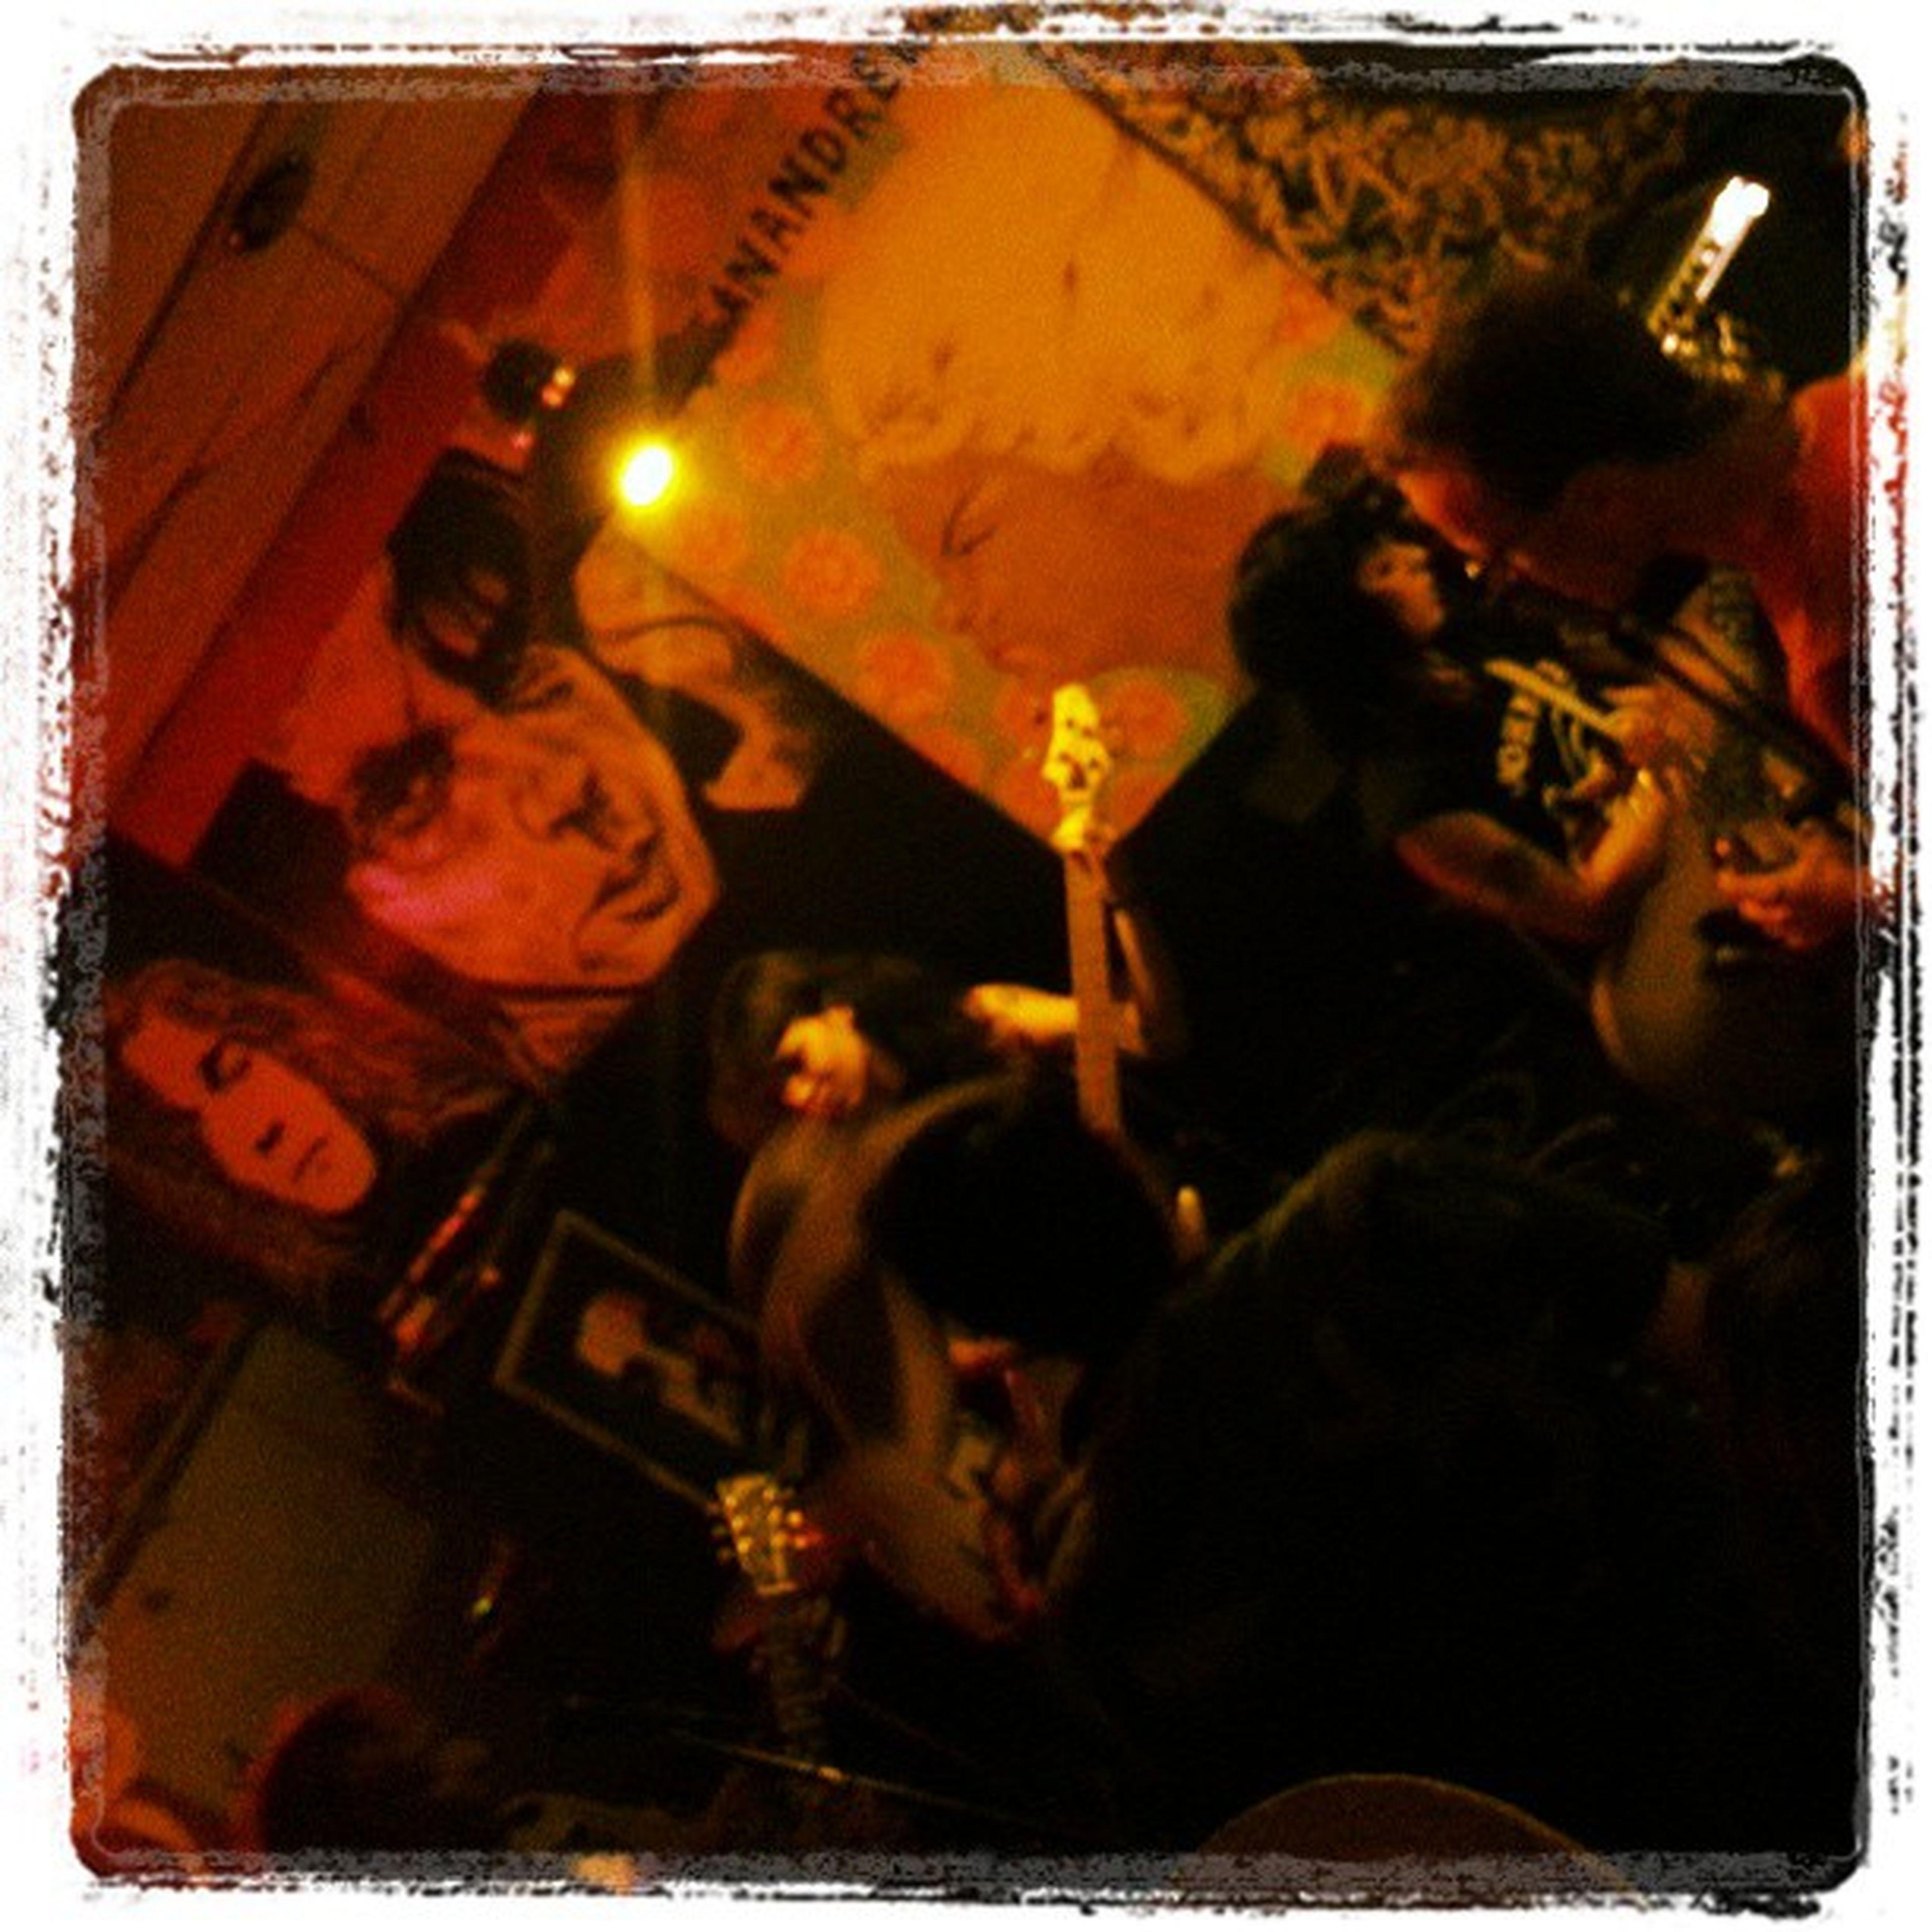 Unclelousentertainmentbar Moshpit Punkrock Music concerts